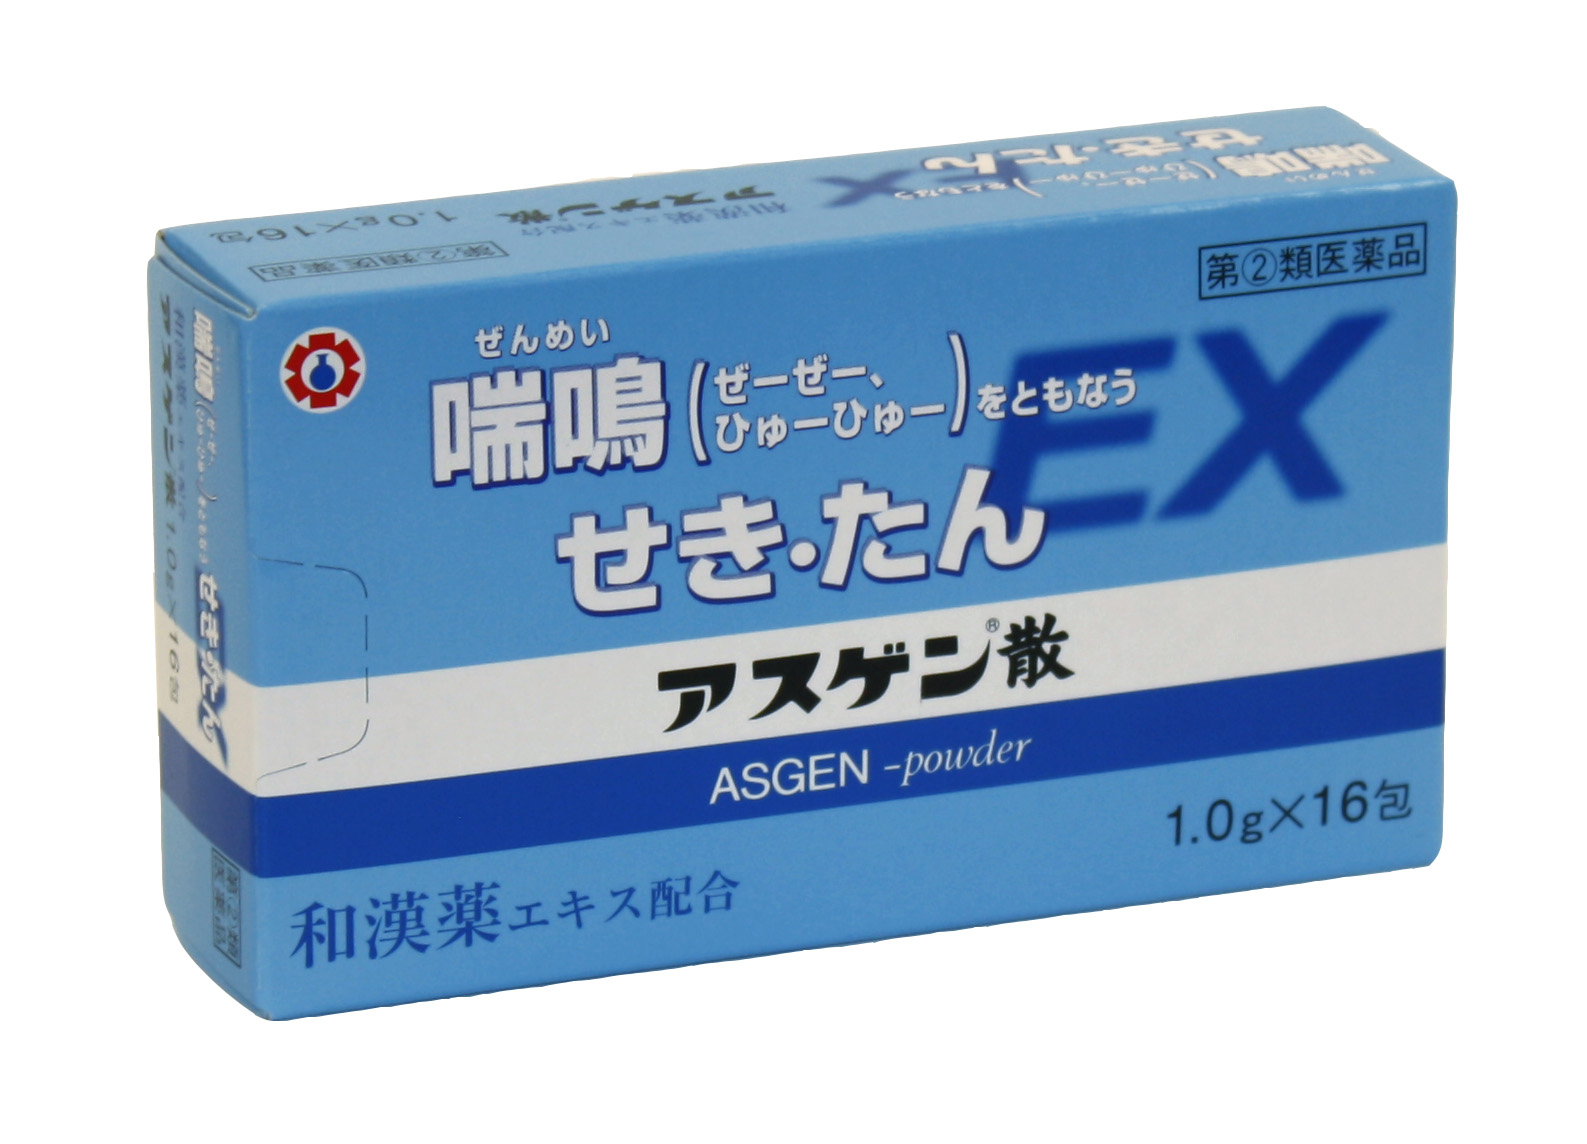 アスゲン散EX